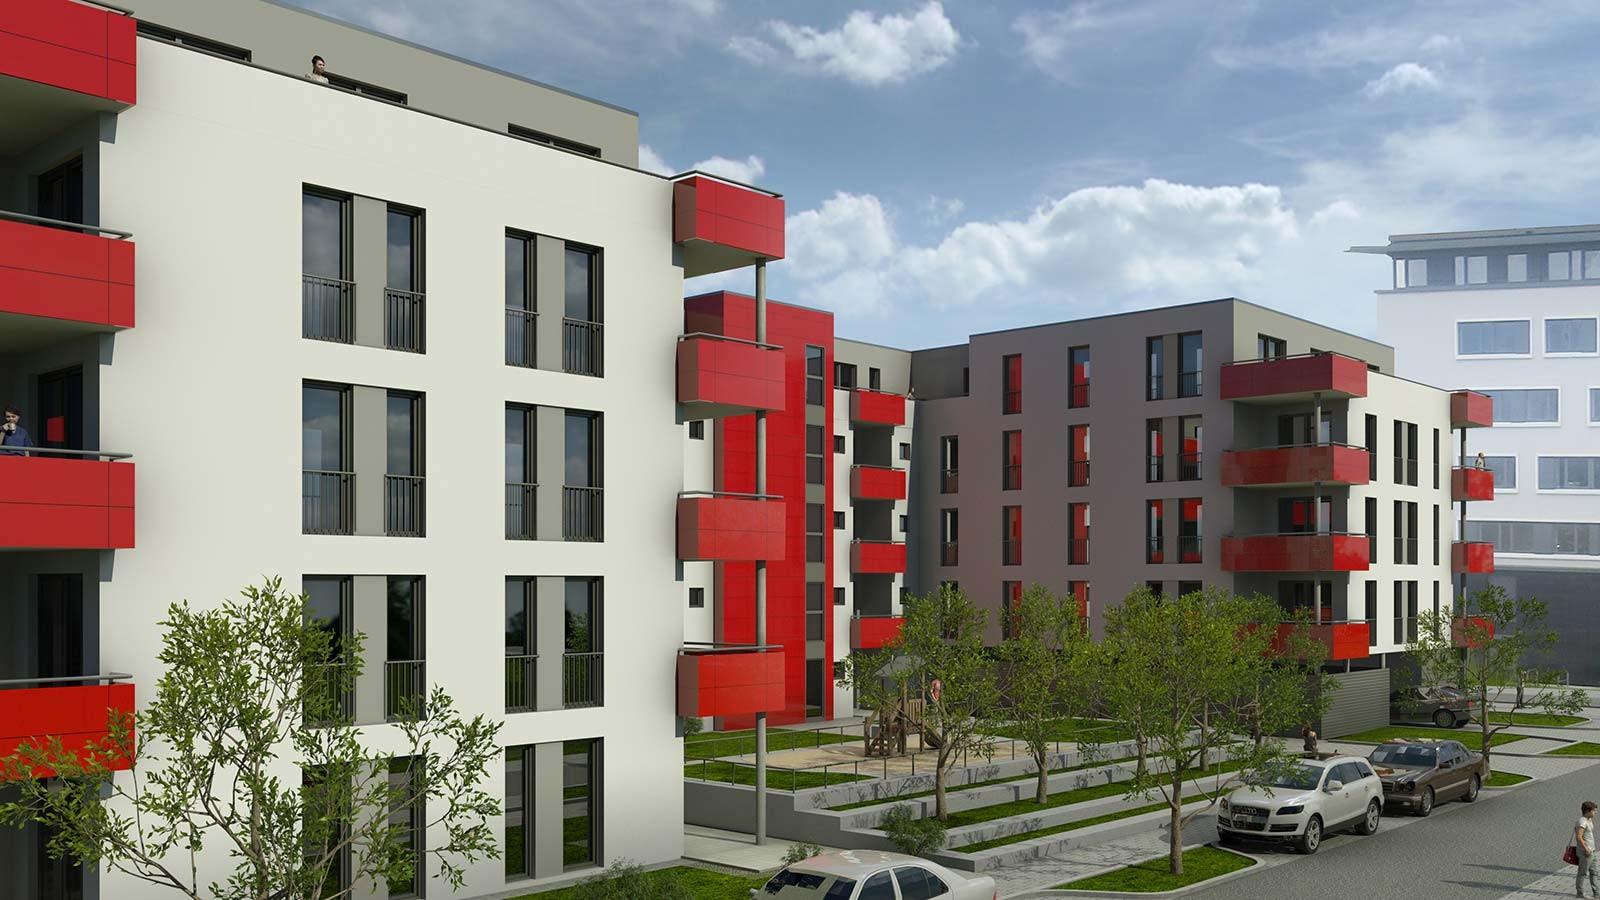 Ansicht Bamberg - rote Panele - Architekturvisualisierung  Aussen